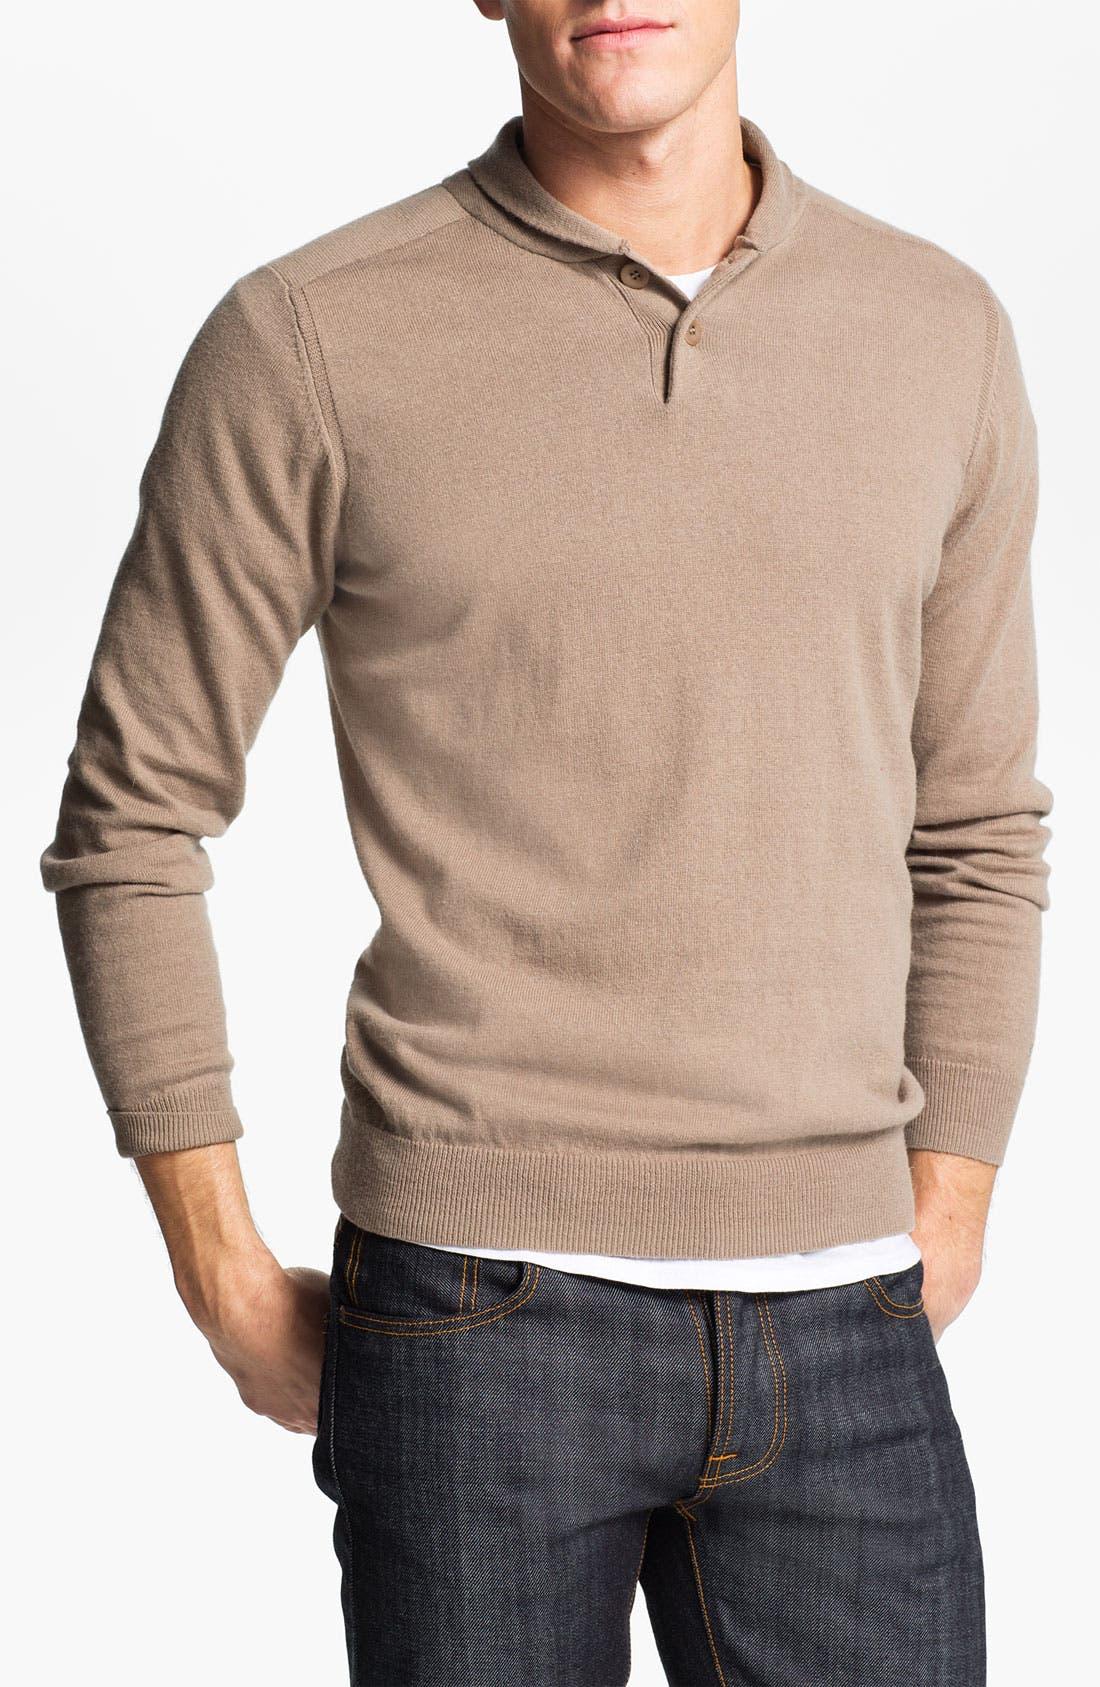 Alternate Image 1 Selected - Ben Sherman Shawl Collar Sweater